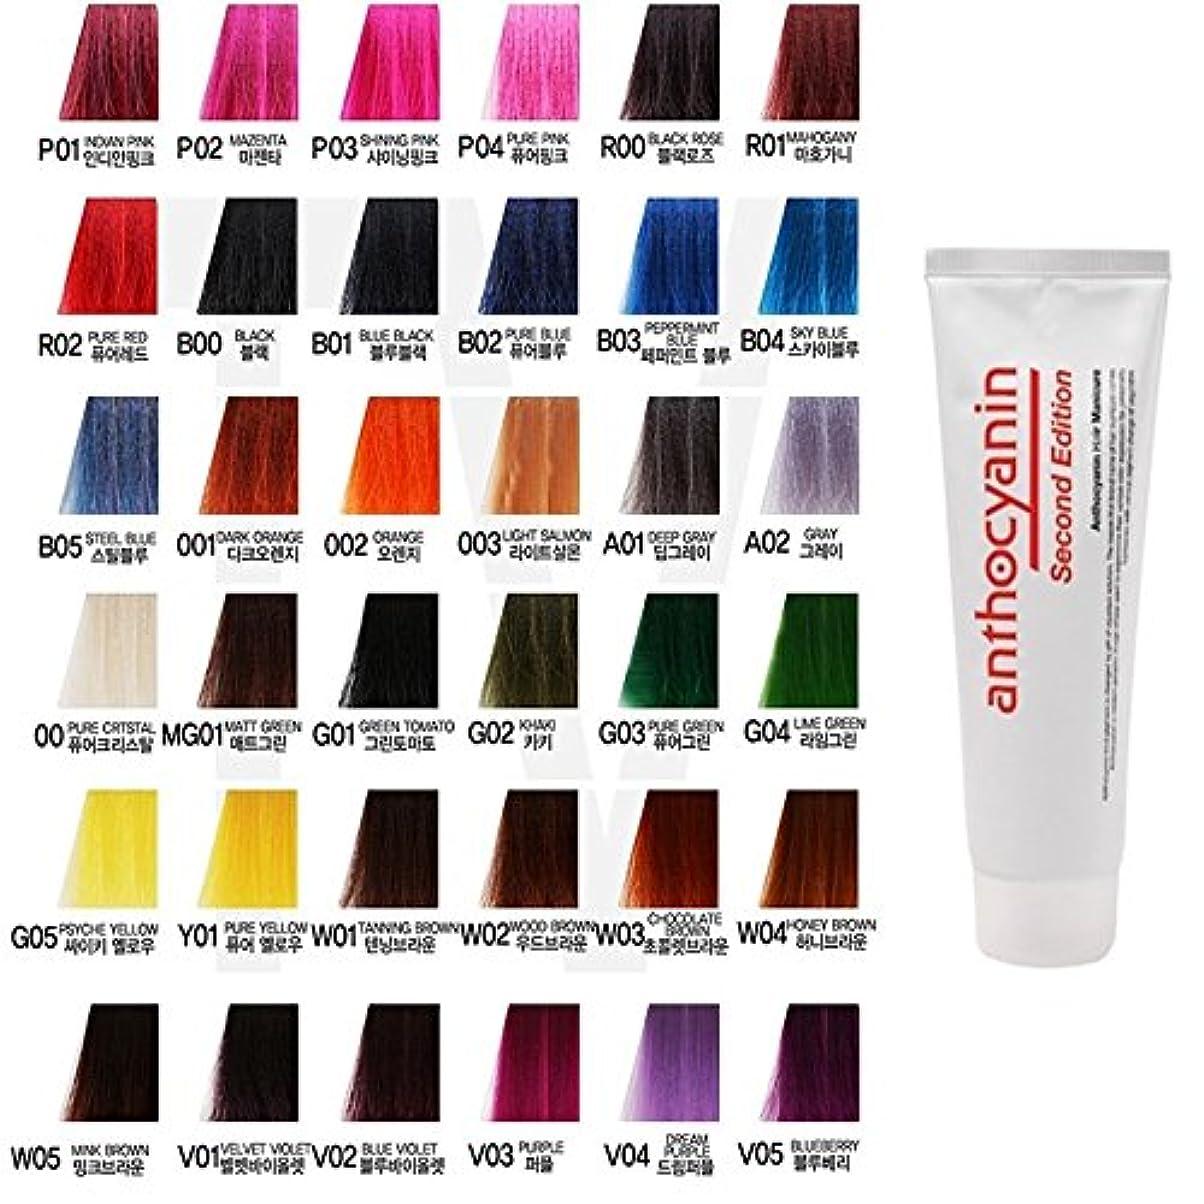 指定する槍十ヘア マニキュア カラー セカンド エディション 230g セミ パーマネント 染毛剤 ( Hair Manicure Color Second Edition 230g Semi Permanent Hair Dye) [並行輸入品] (A01 Deep Gray)